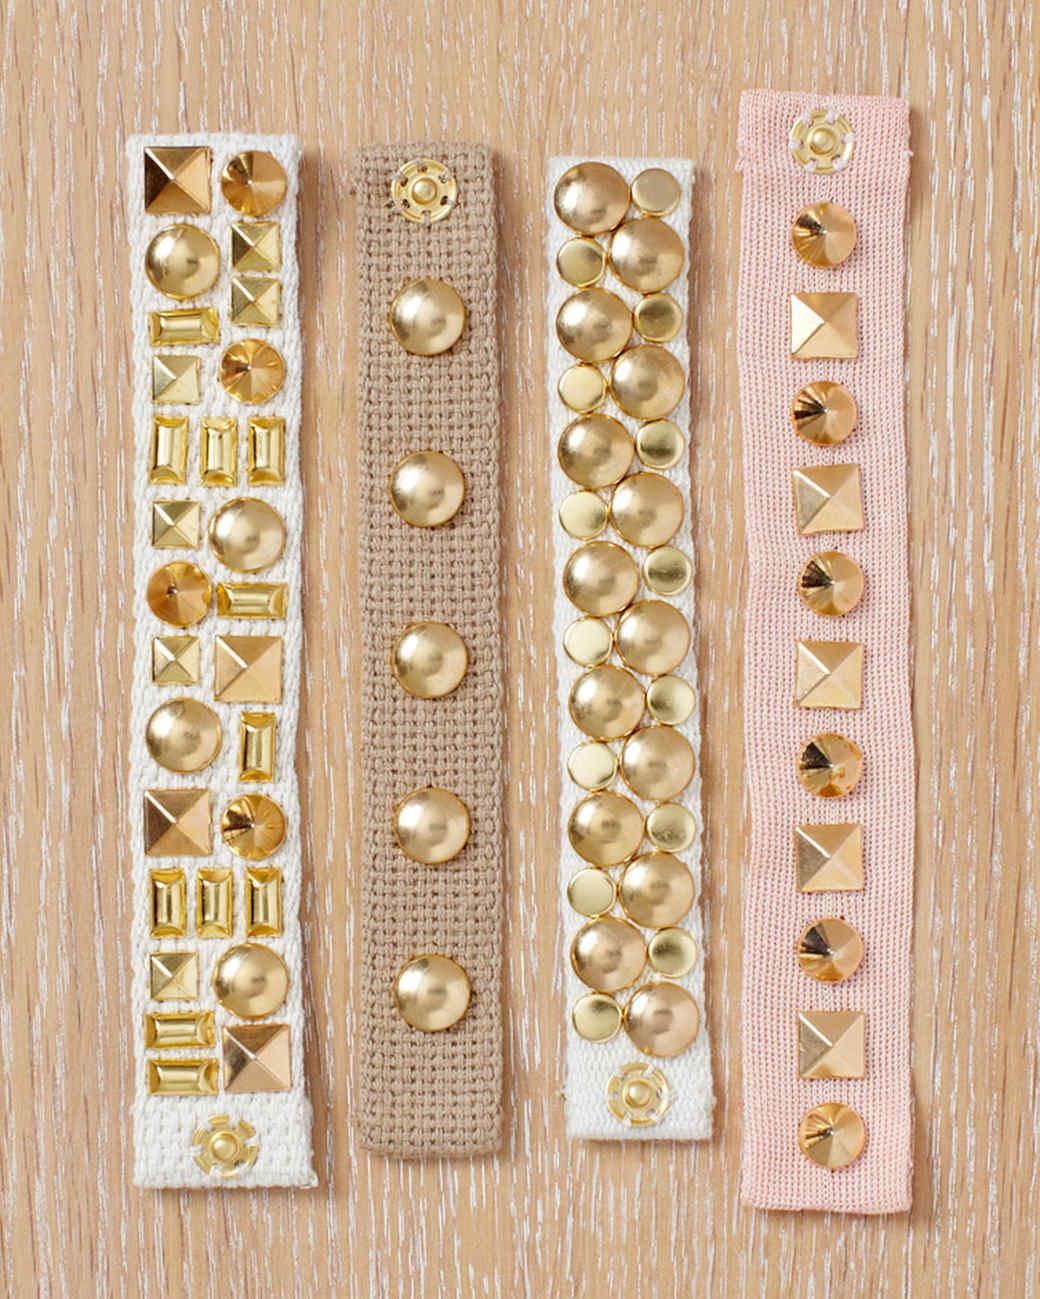 studded-bracelets-001-wld109036.jpg